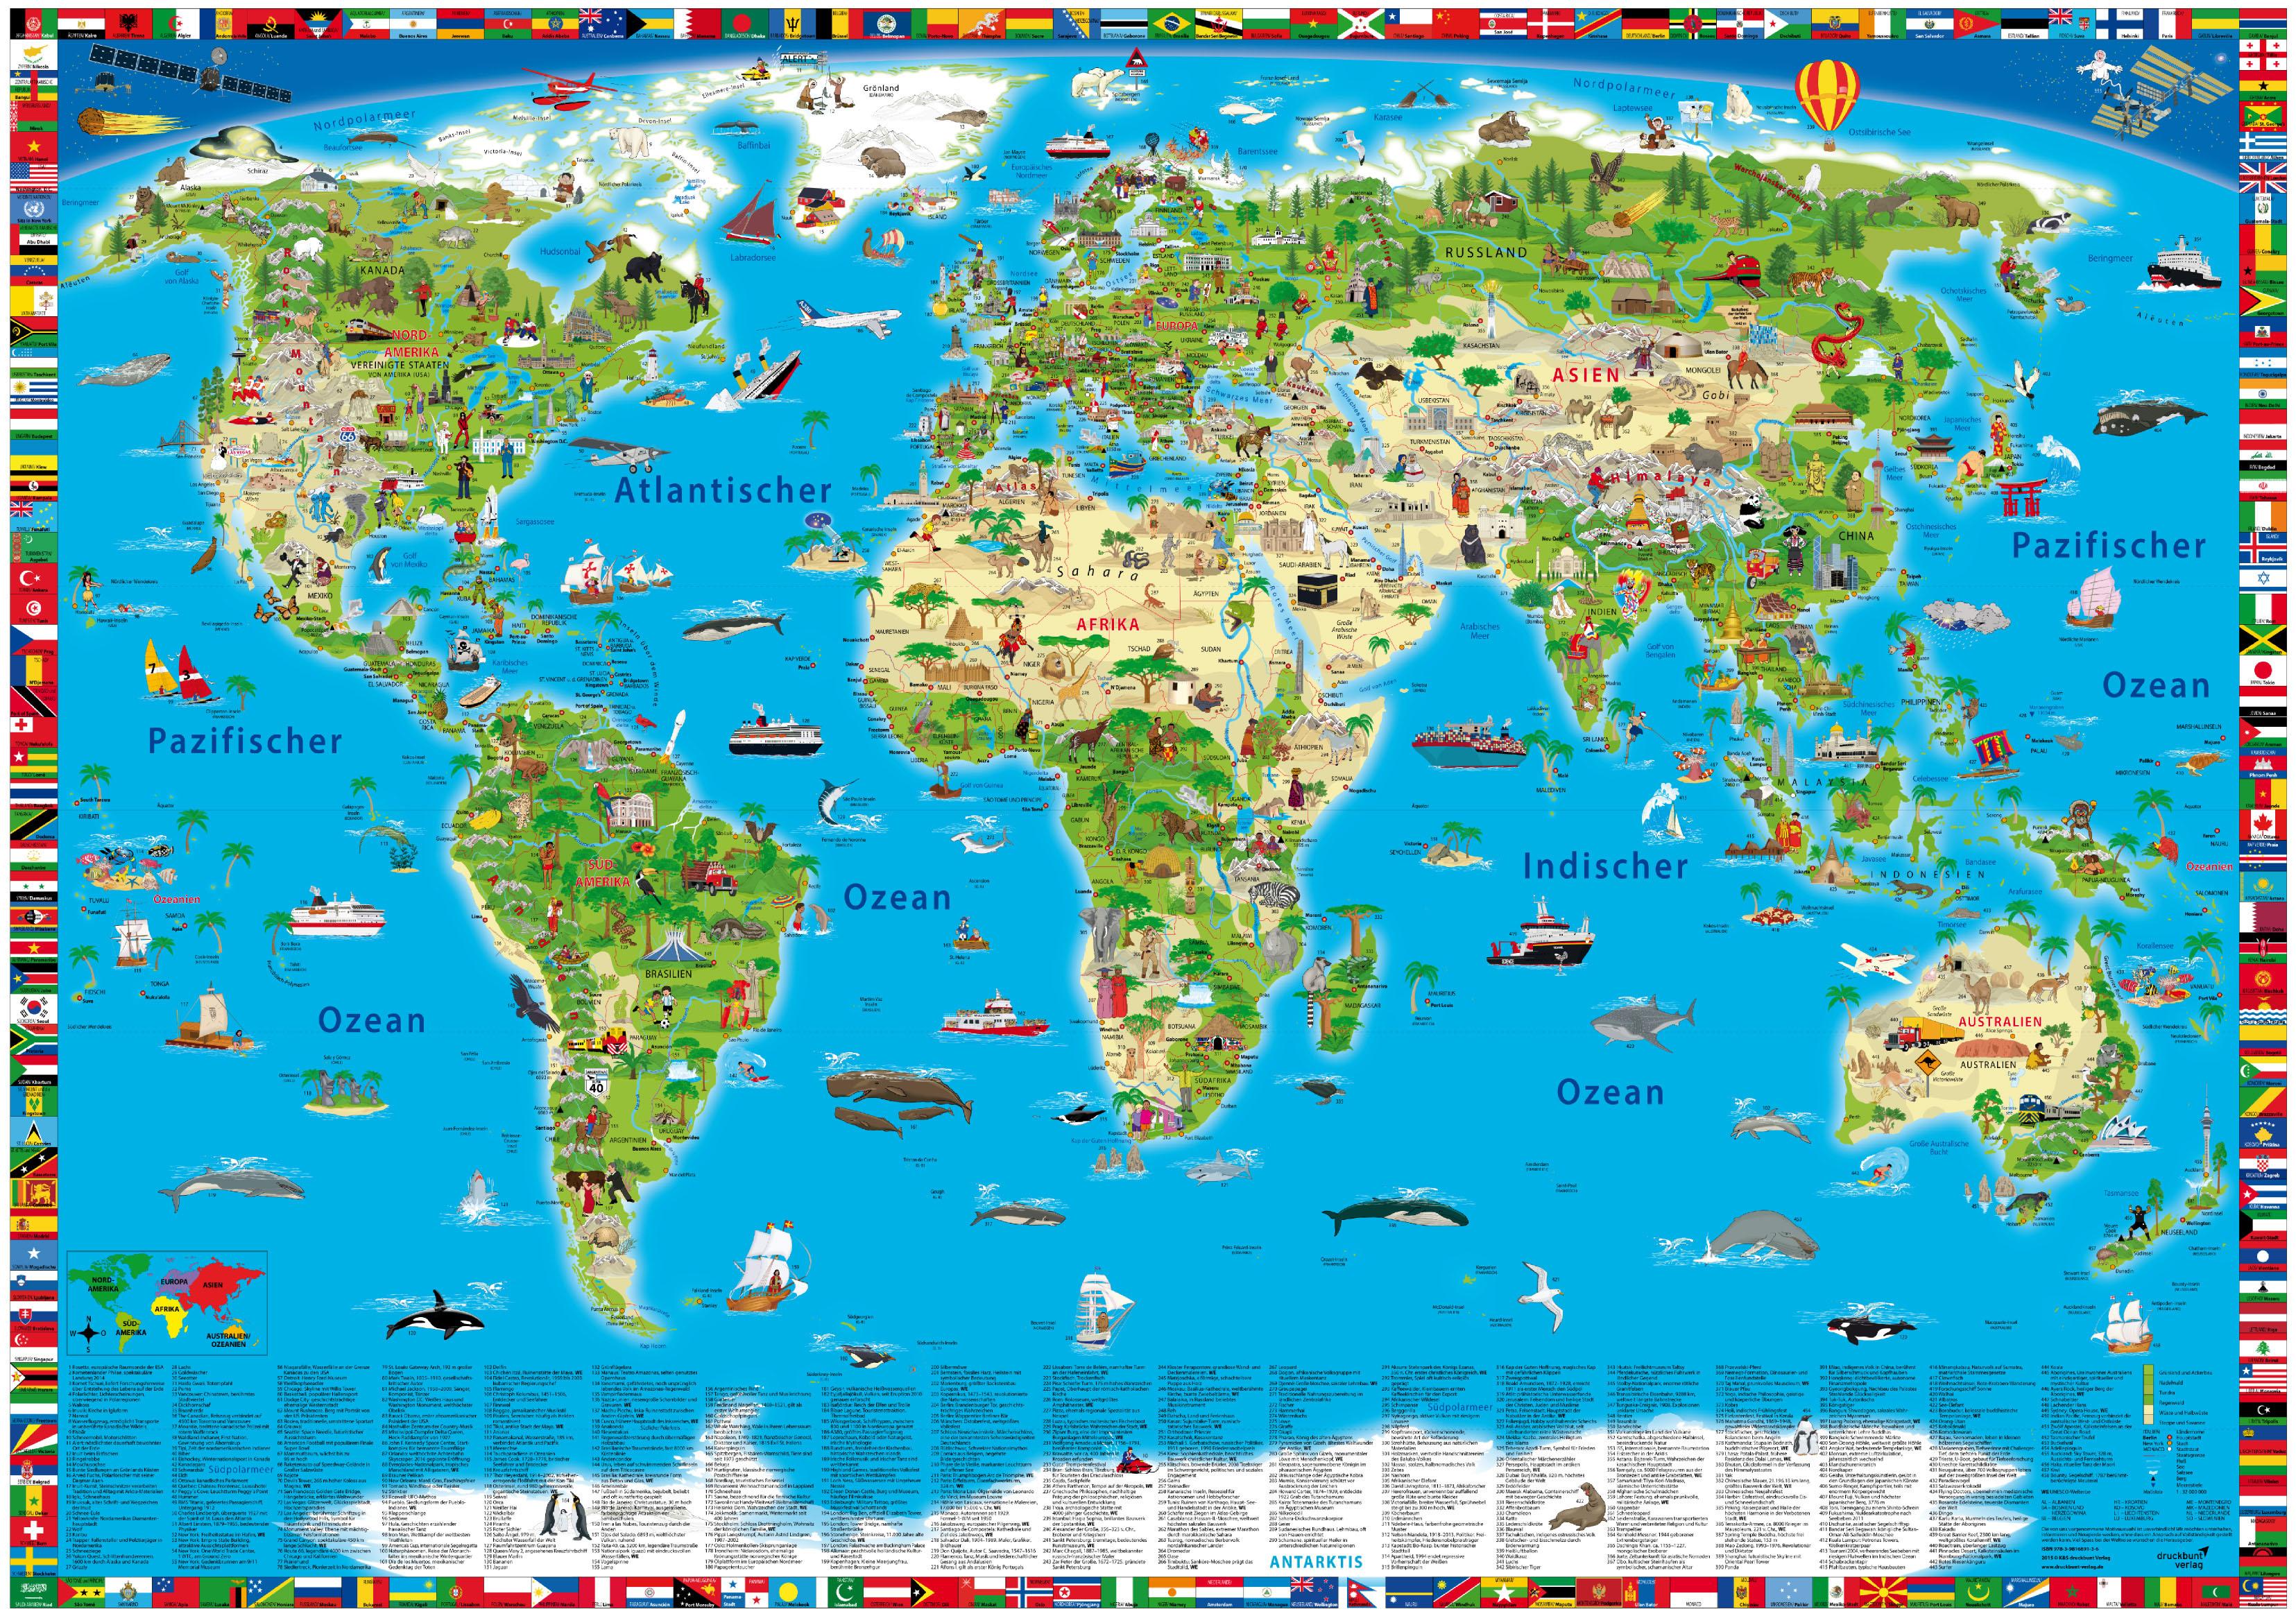 die weltkarte für kinder Weltkarte für Kinder farbenfroh und lehrreich   Blog Neuigkeiten